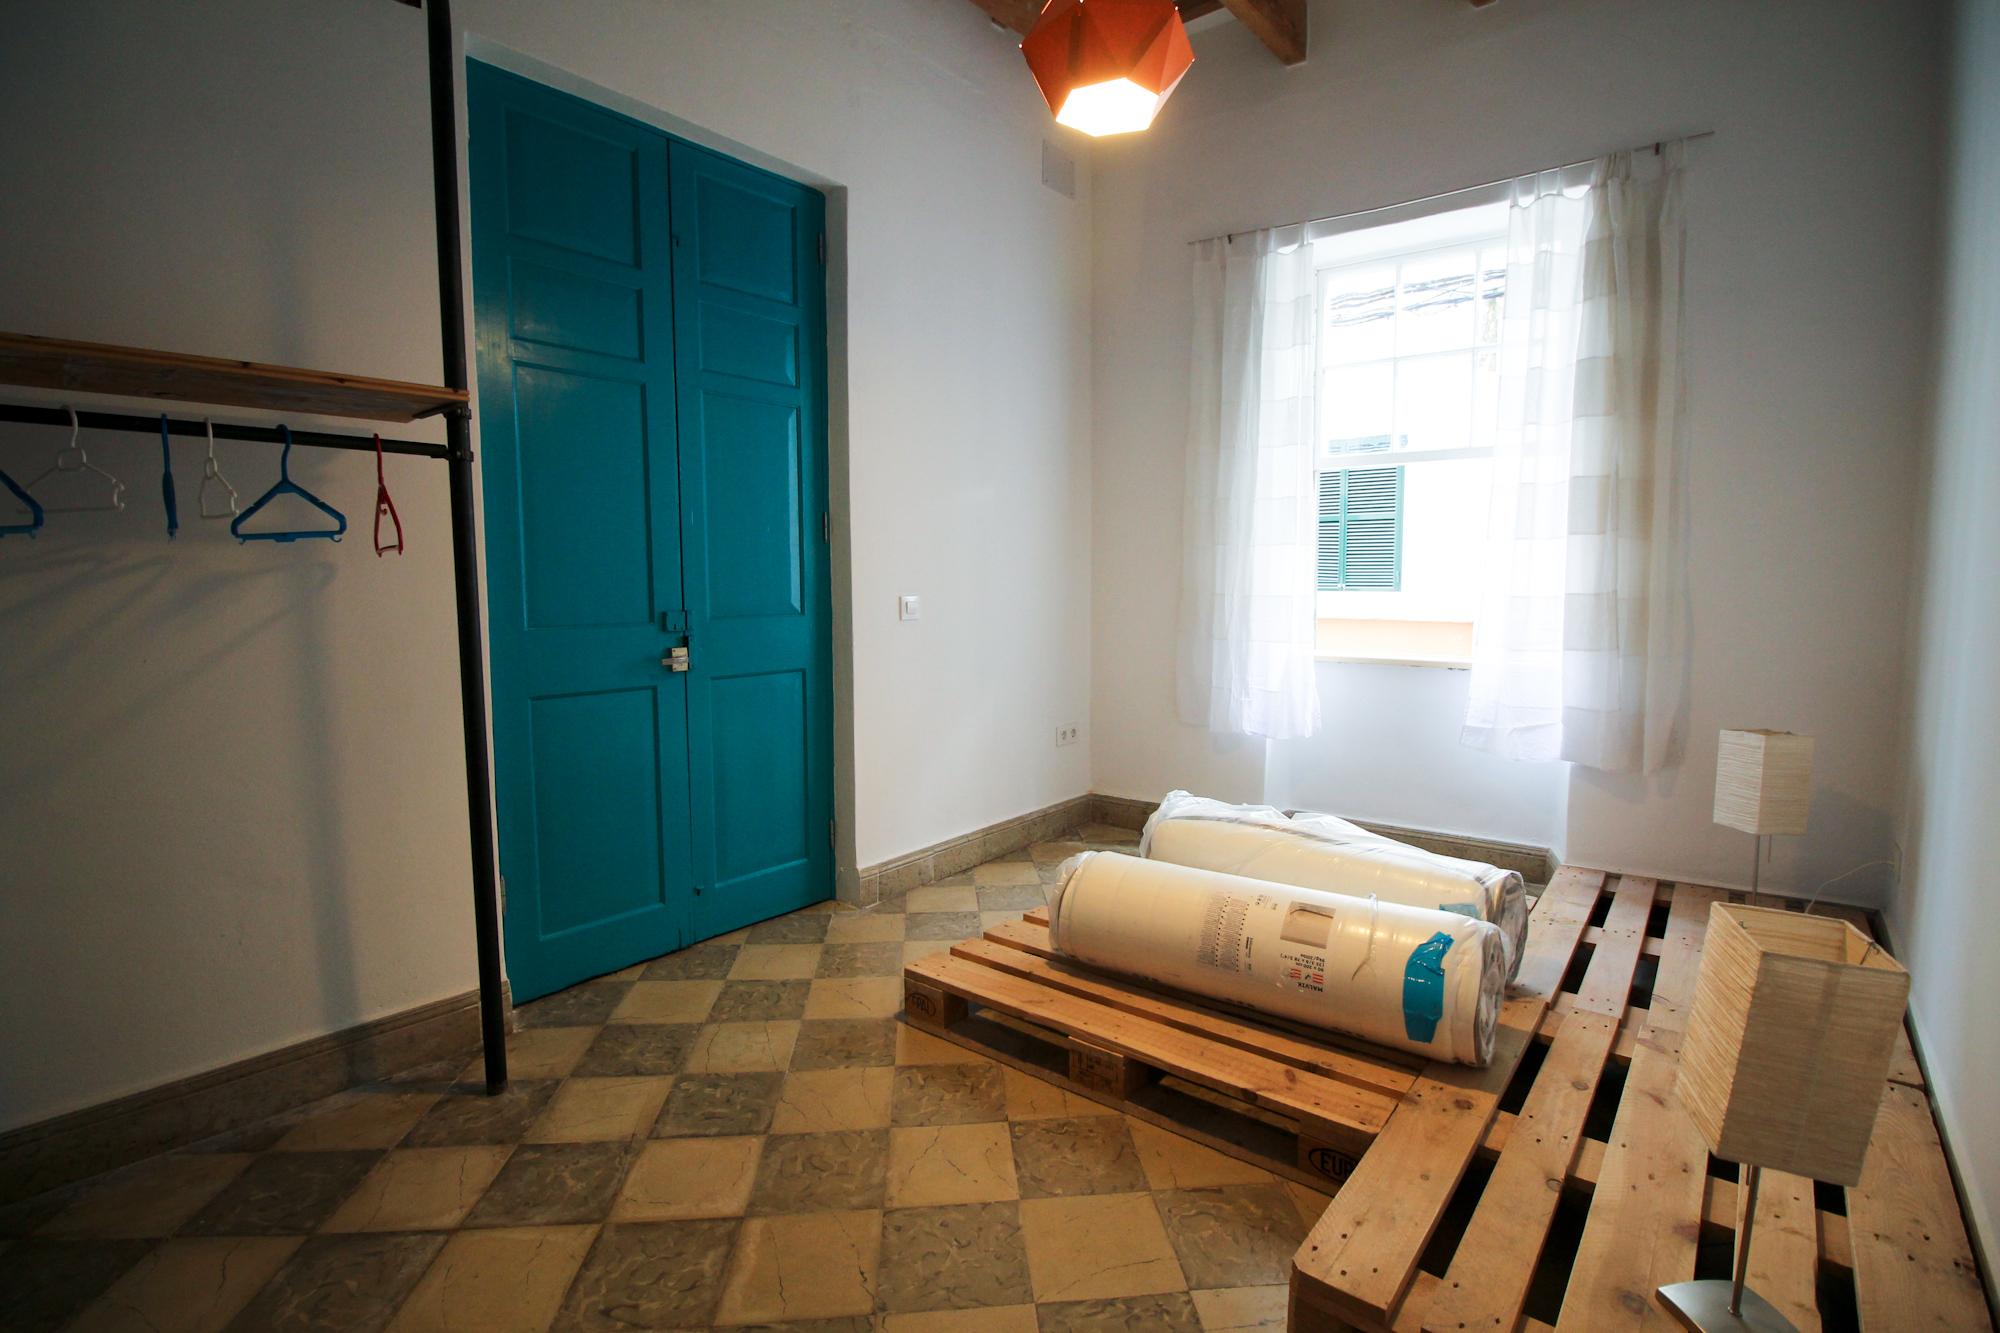 Future Roommates' Bedroom